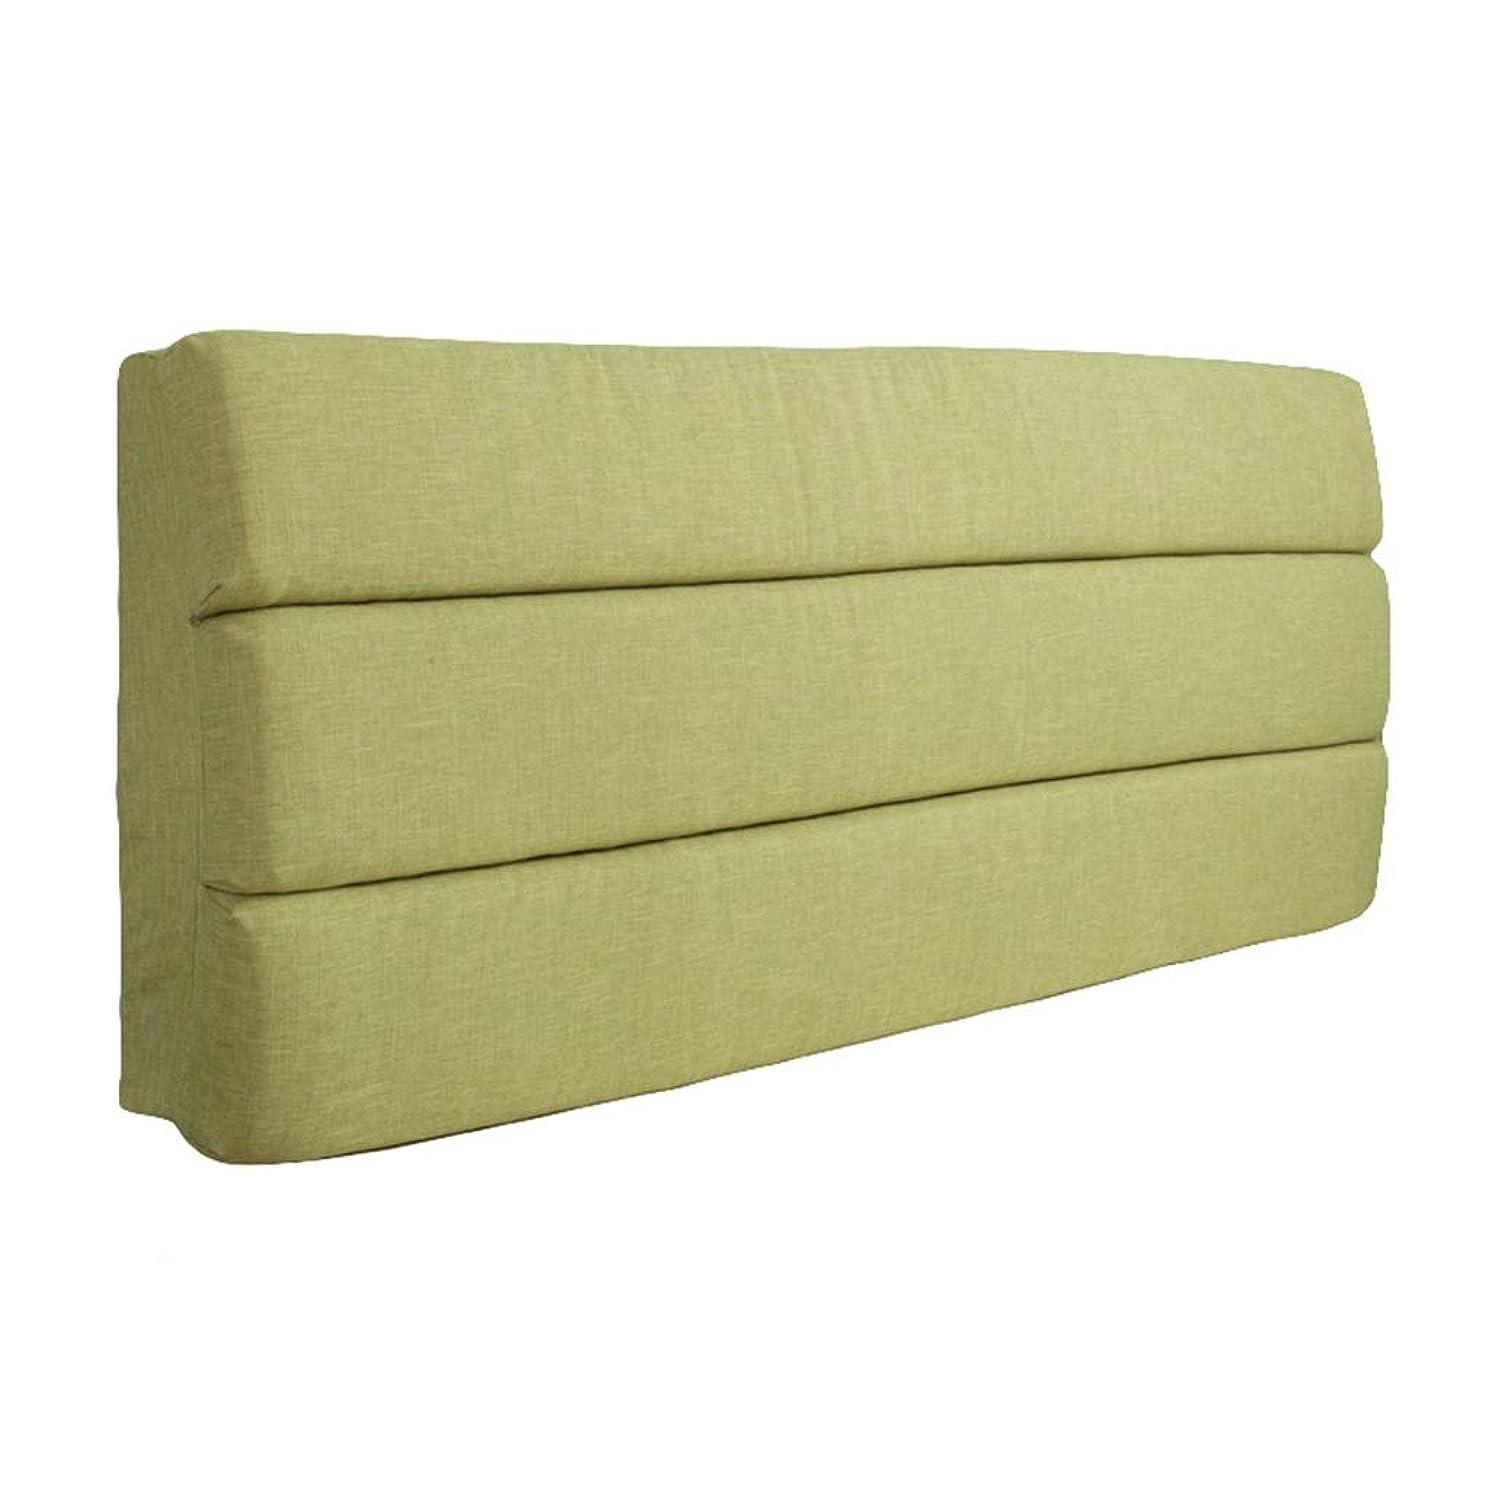 フルーツナンセンスファブリック読書クッションベッド背もたれクッションボルスターポジショニングサポート読書枕ヘッドボードクッション布張りK (Color : 7, Size : 200*60*6)